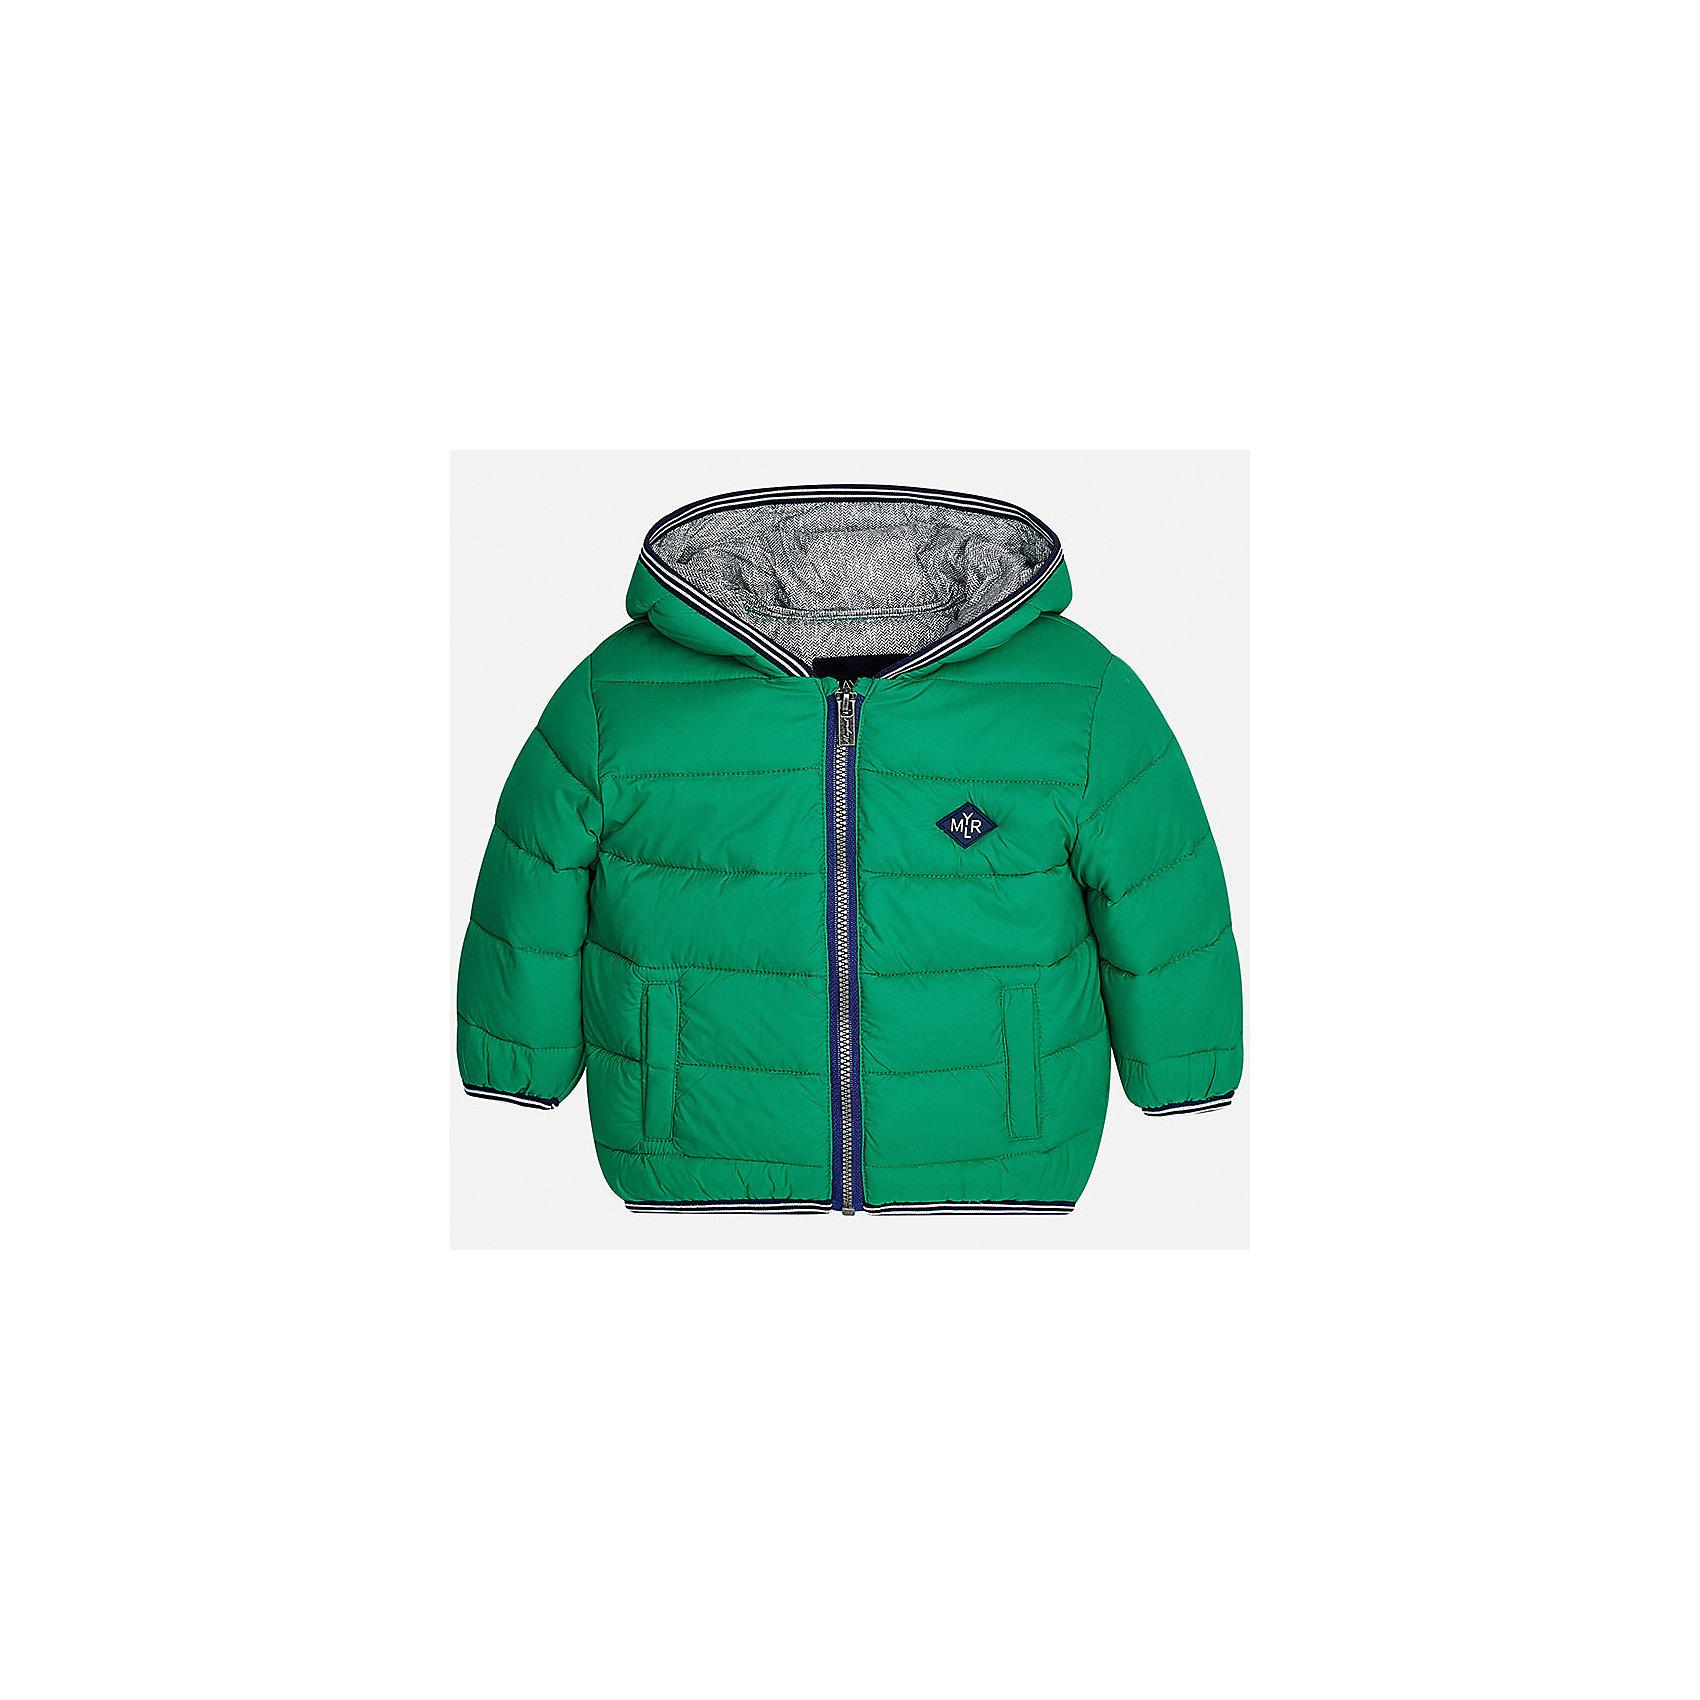 Куртка для мальчика MayoralВерхняя одежда<br>Характеристики товара:<br><br>• цвет: зеленый<br>• состав ткани: 100% полиамид<br>• подкладка: 100% полиэстер<br>• утеплитель: 100% полиэстер<br>• сезон: демисезон<br>• температурный режим: от -10 до +10<br>• особенности модели: с капюшоном, дутая, сумка в комплекте<br>• капюшон: несъемный<br>• застежка: молния<br>• страна бренда: Испания<br>• страна изготовитель: Индия<br><br>Эта детская куртка с капюшоном отличается модным и продуманным дизайном. Теплая демисезонная куртка для мальчика от Майорал поможет обеспечить ребенку комфорт и тепло. В куртке для мальчика от испанской компании Майорал ребенок будет выглядеть модно, а чувствовать себя - комфортно. <br><br>Куртку для мальчика Mayoral (Майорал) можно купить в нашем интернет-магазине.<br><br>Ширина мм: 356<br>Глубина мм: 10<br>Высота мм: 245<br>Вес г: 519<br>Цвет: зеленый<br>Возраст от месяцев: 24<br>Возраст до месяцев: 36<br>Пол: Мужской<br>Возраст: Детский<br>Размер: 98,80,86,92<br>SKU: 6935200